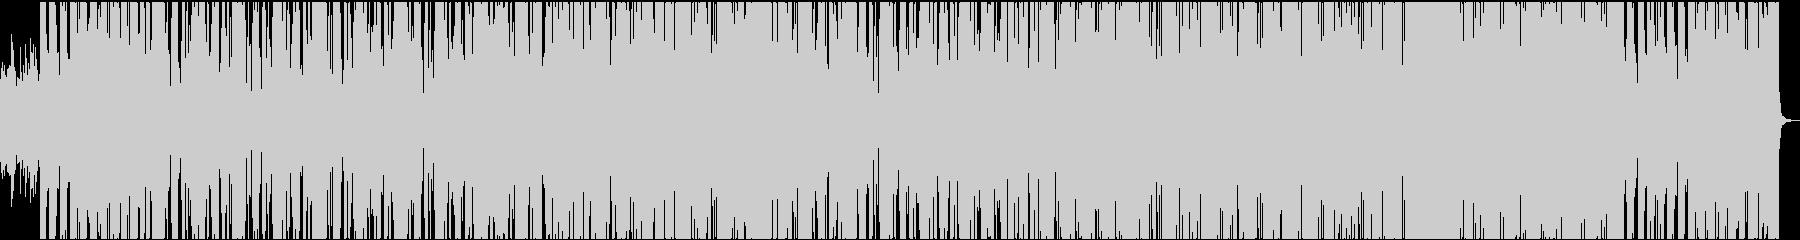 ノリの良いヒップホップ系ポップスの未再生の波形